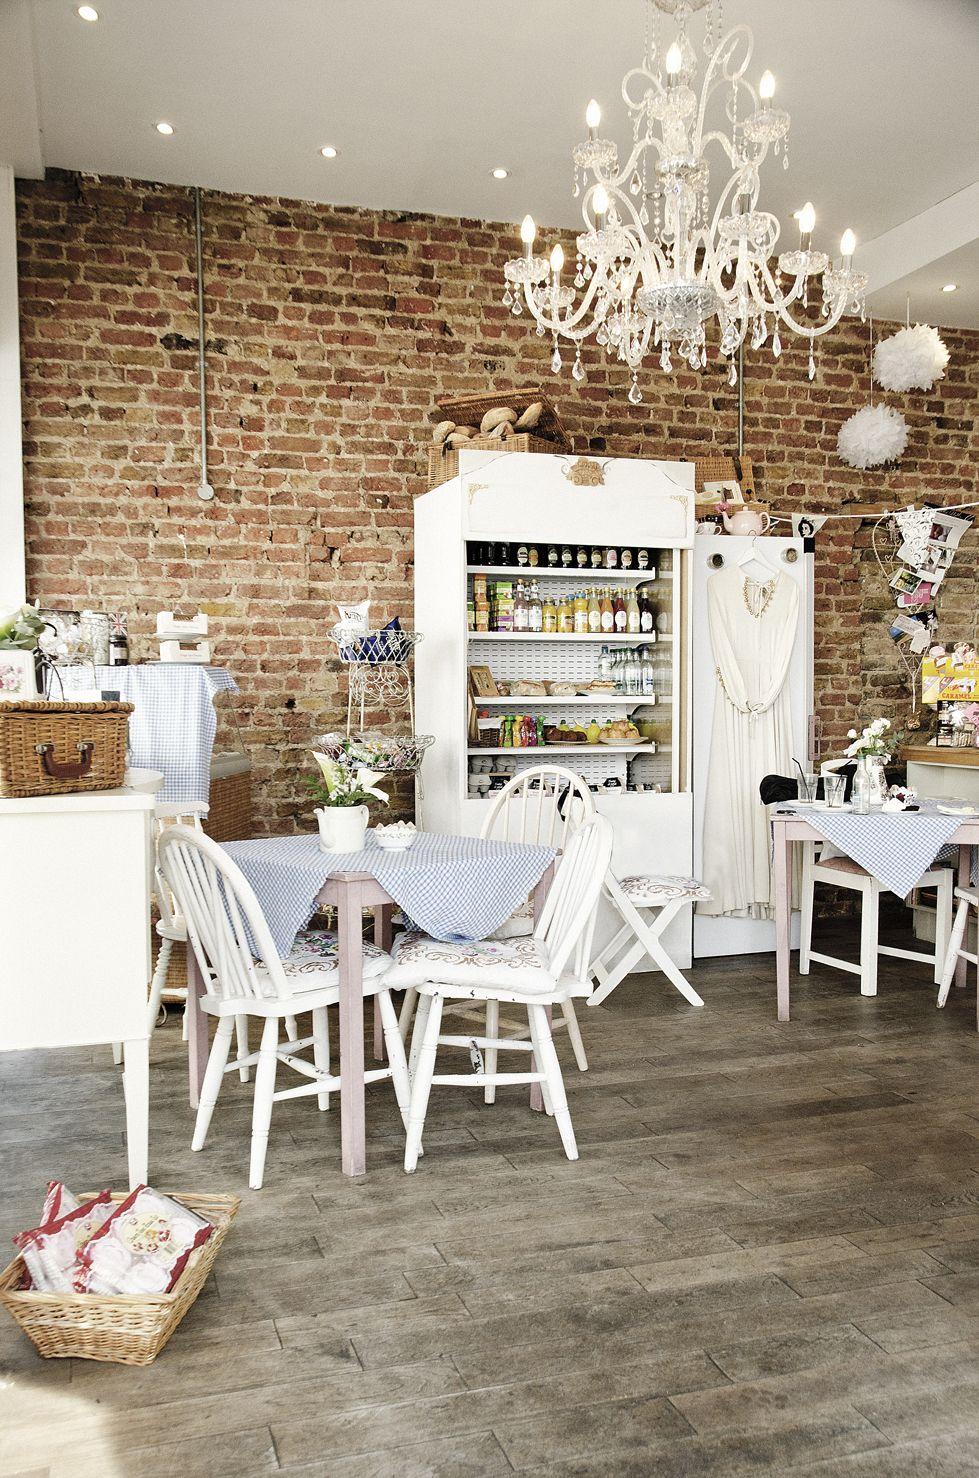 vintage tearoom | decor | vintage tea rooms, vintage bakery, cafe style